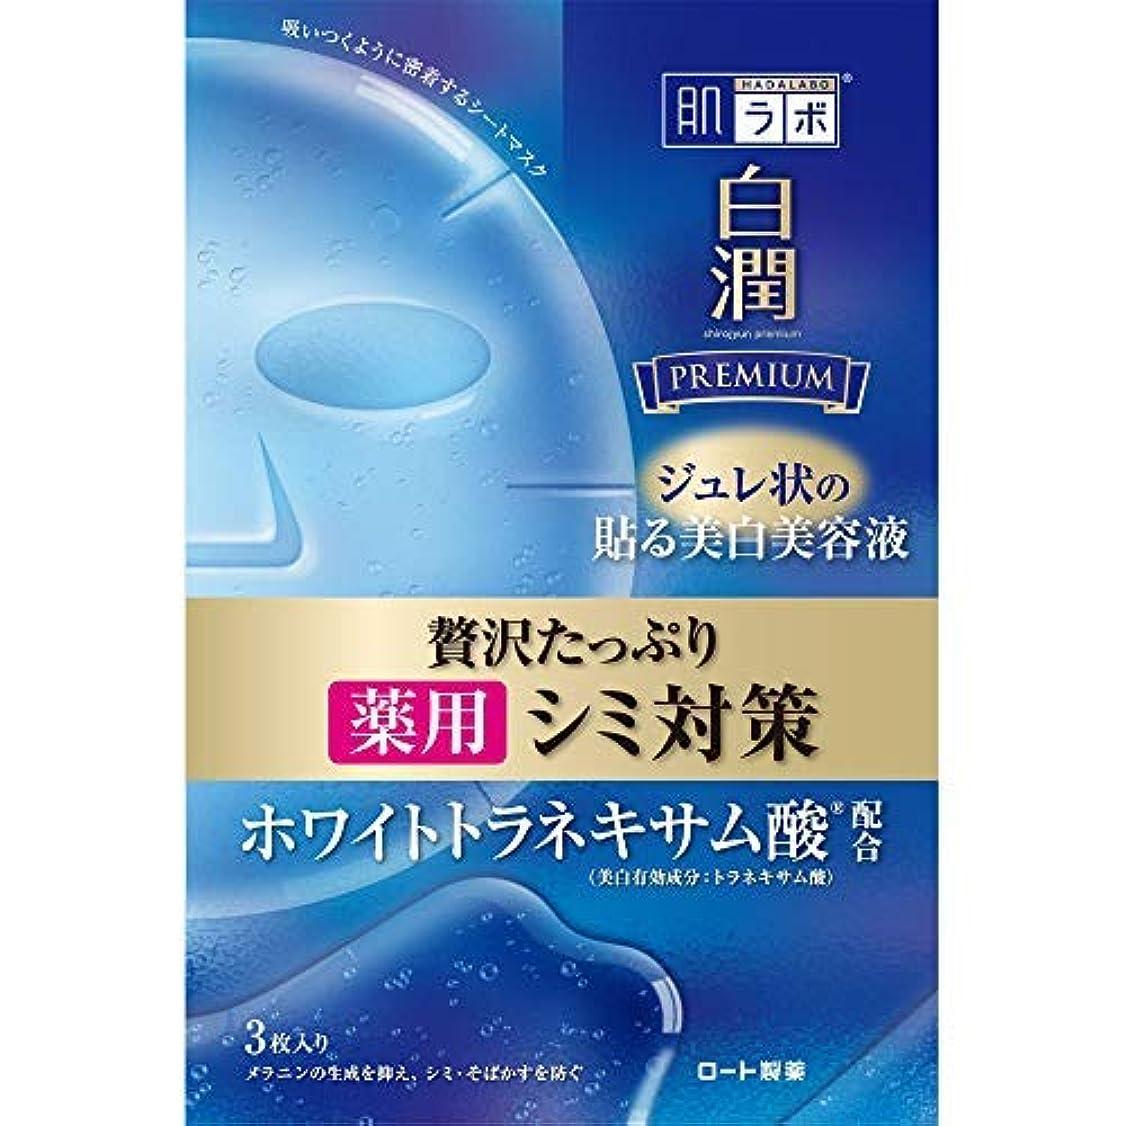 出します居住者メッシュ肌ラボ 白潤プレミアム 薬用浸透美白ジュレマスク × 2個セット